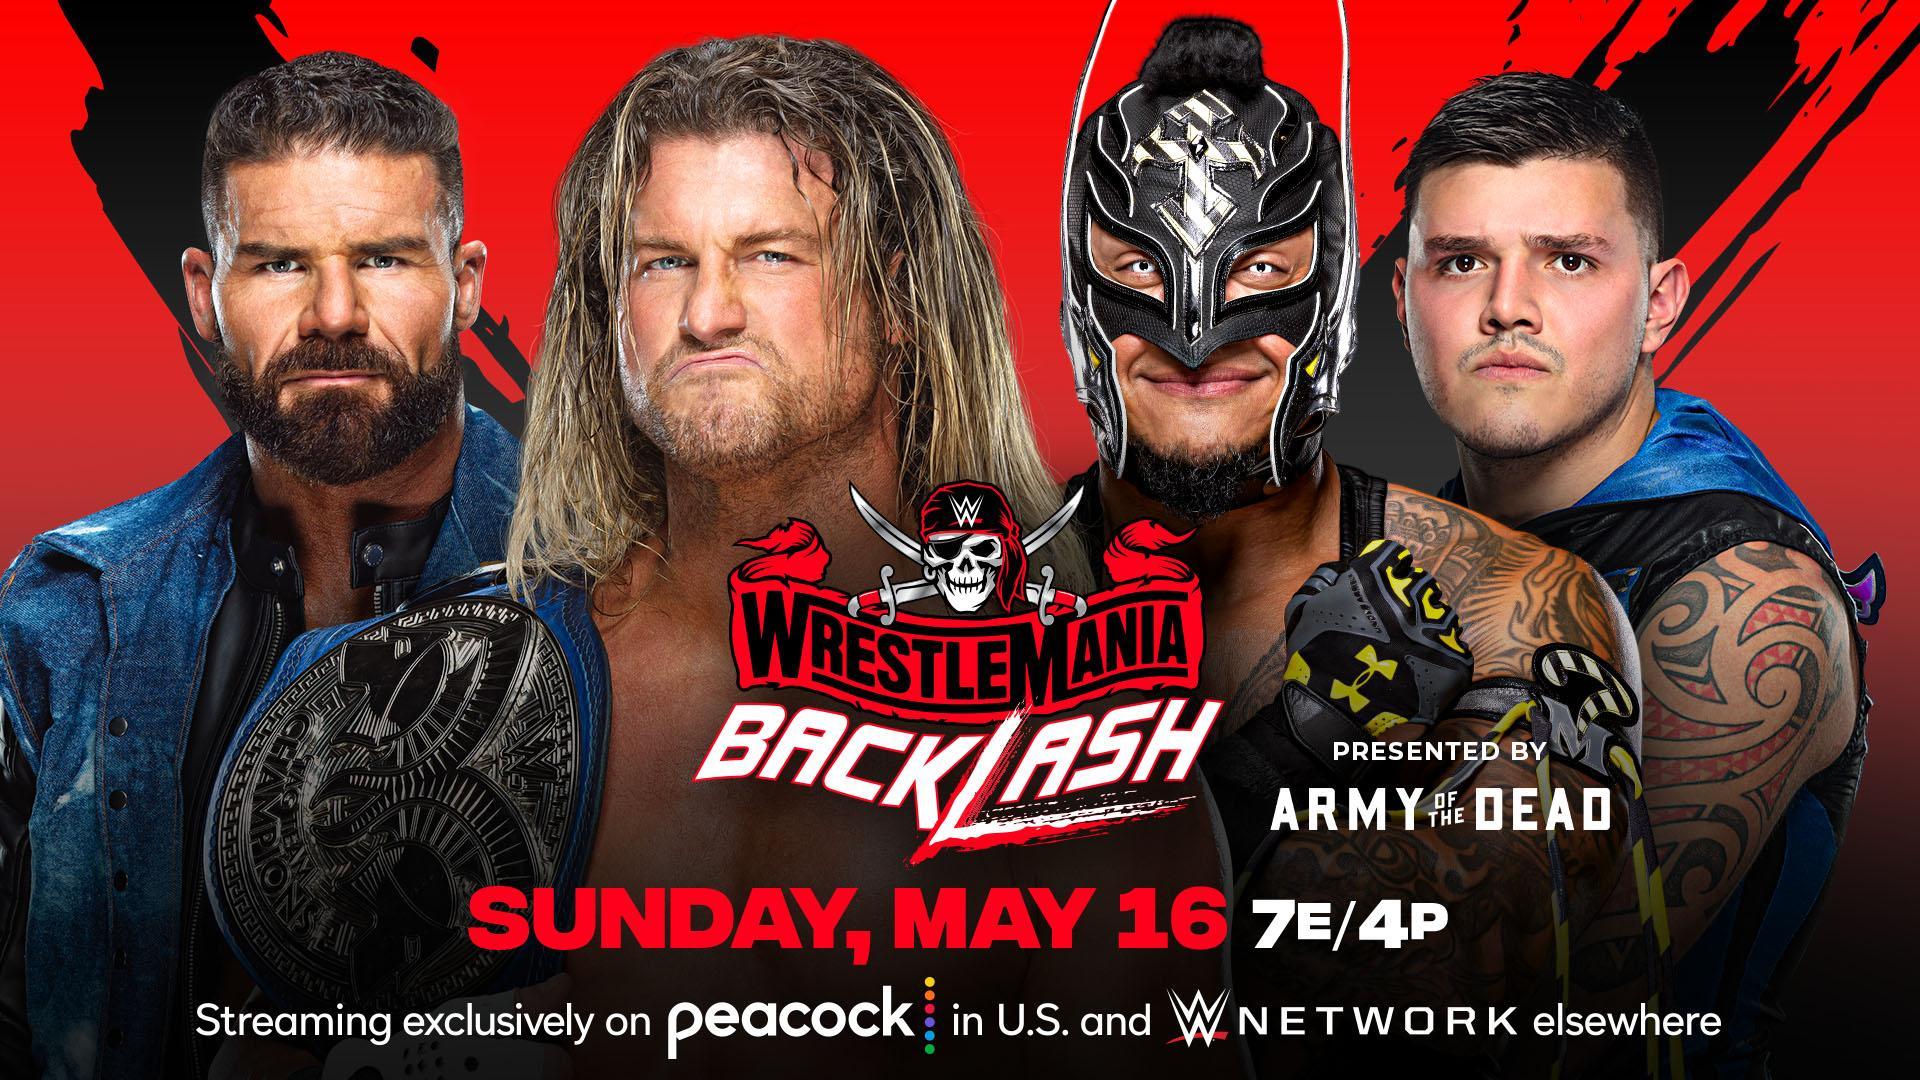 Rey e Dominik Mysterio disputarão o SmackDown Tag Team Championship no WrestleMania Backlash